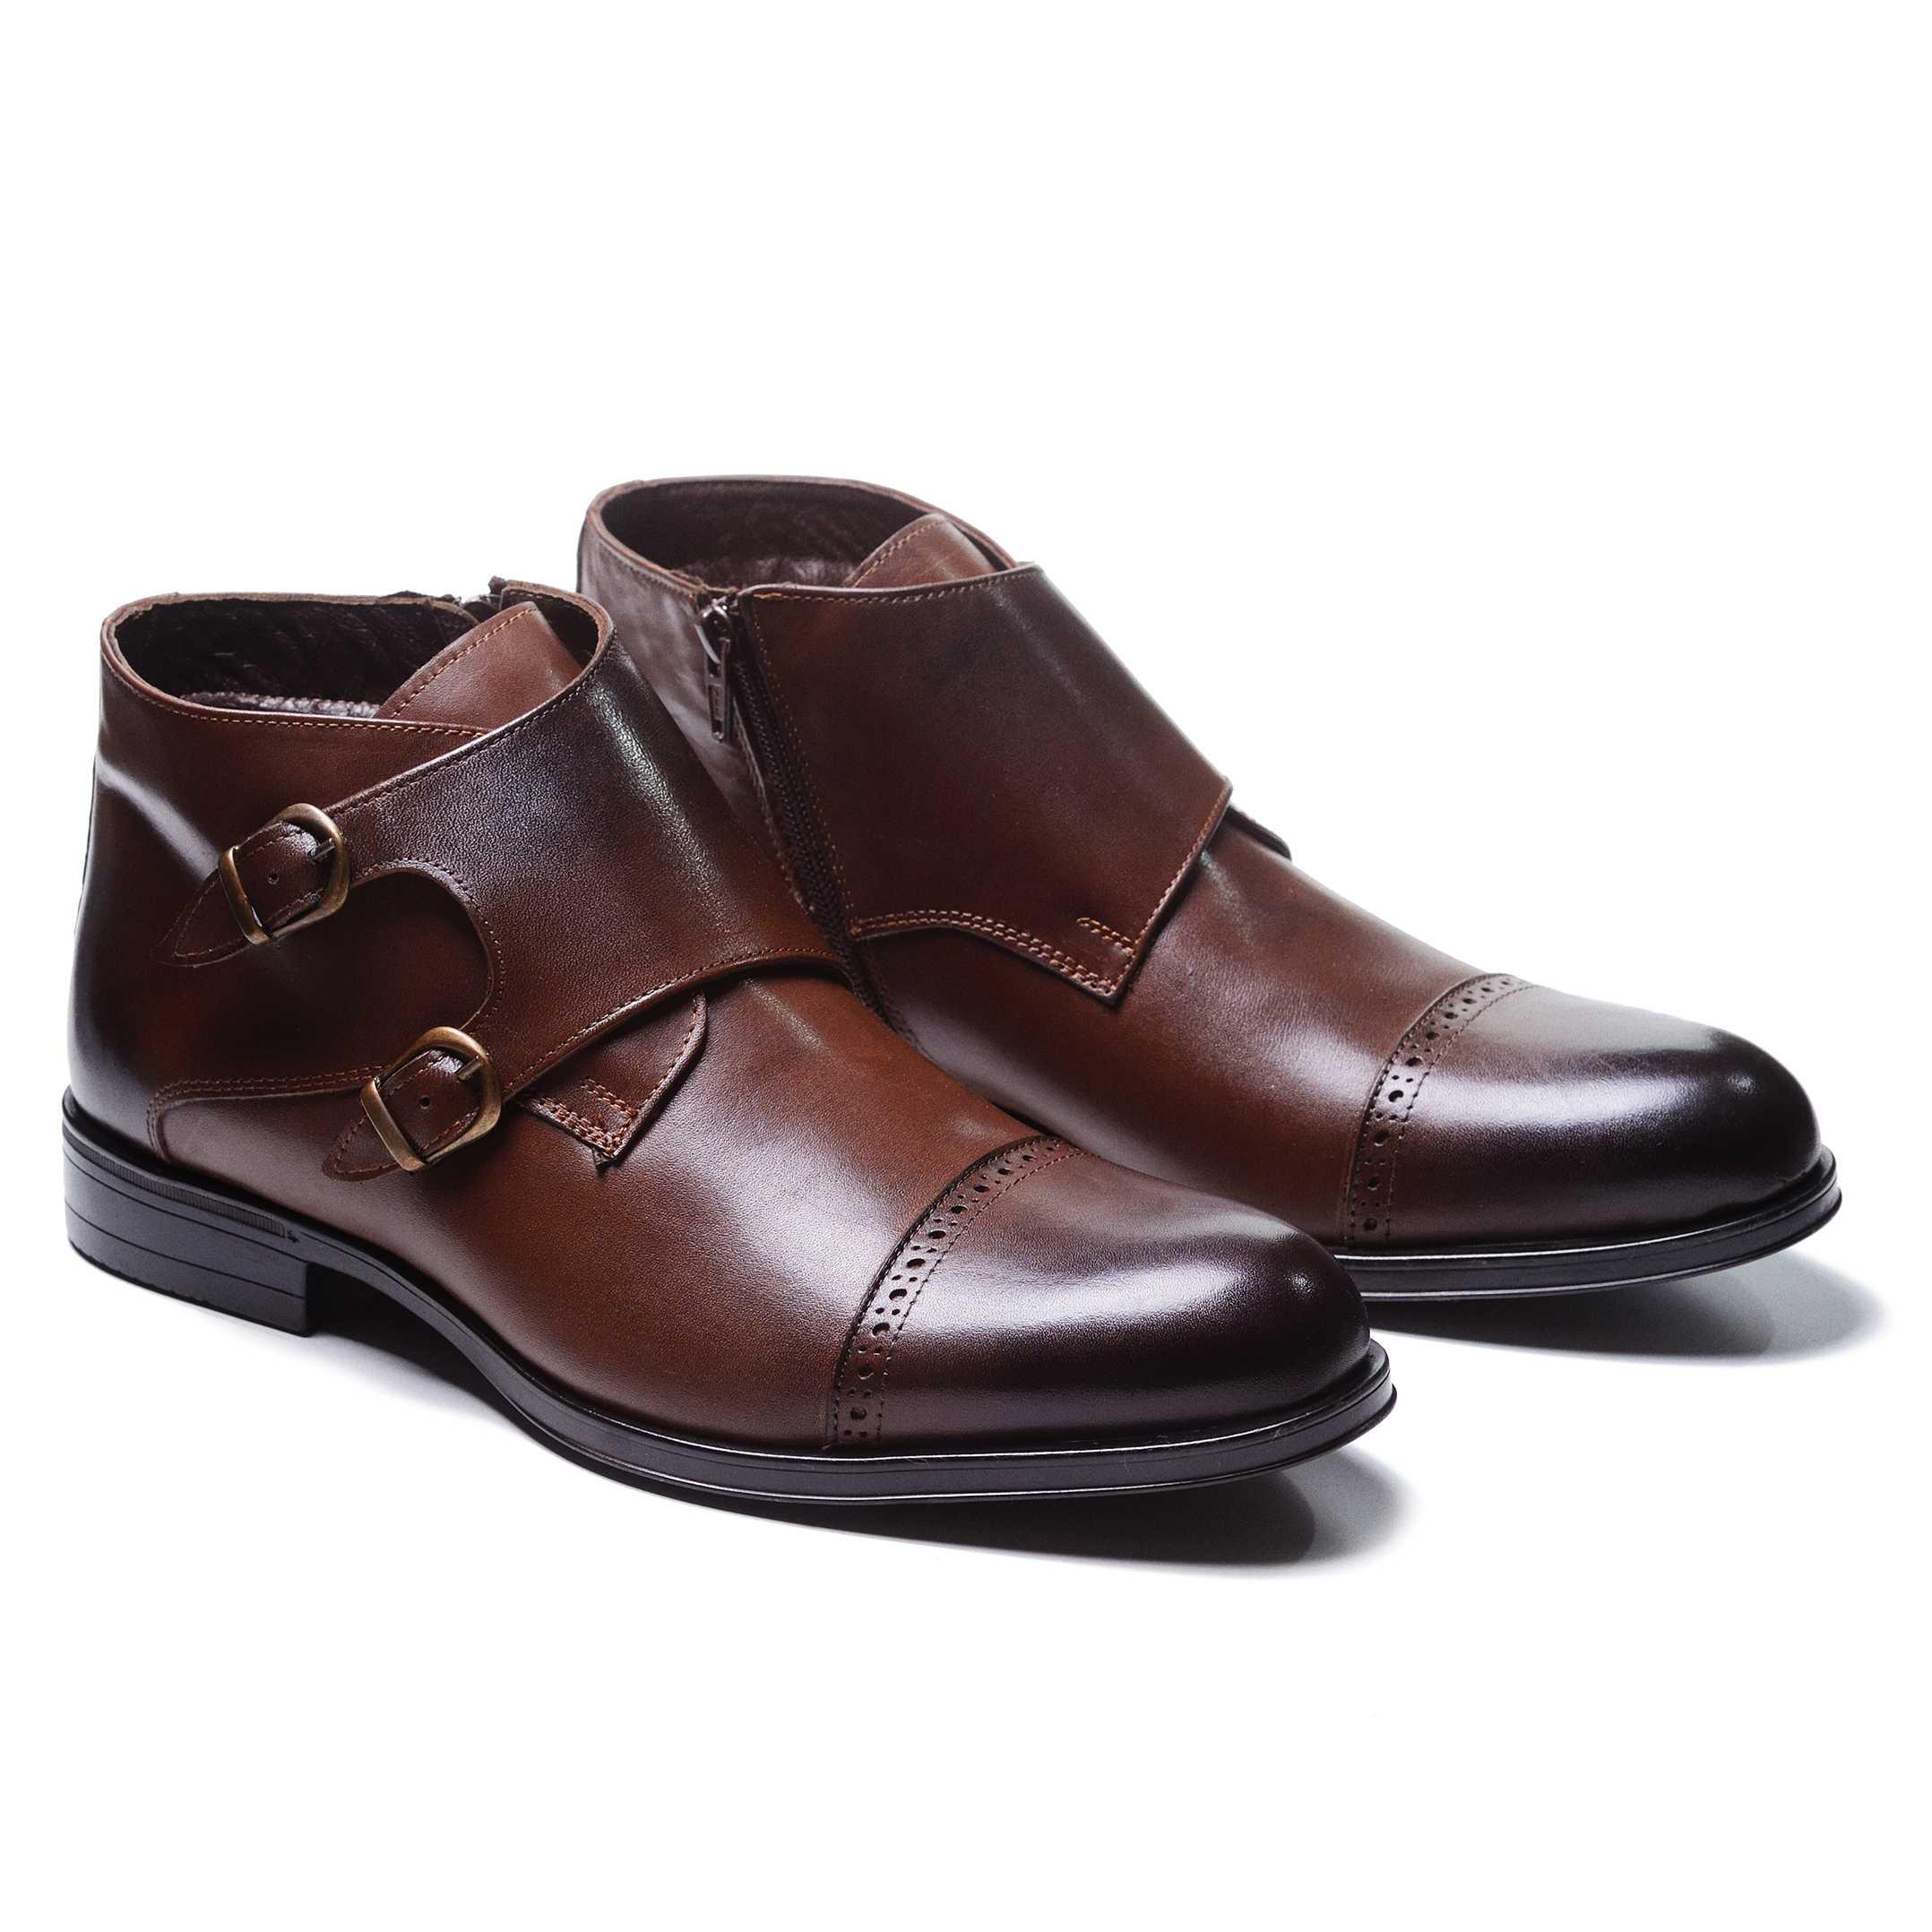 Ботинки мужские дабл монки коричневые с отрезным мысом (monk strap cap toe boot)